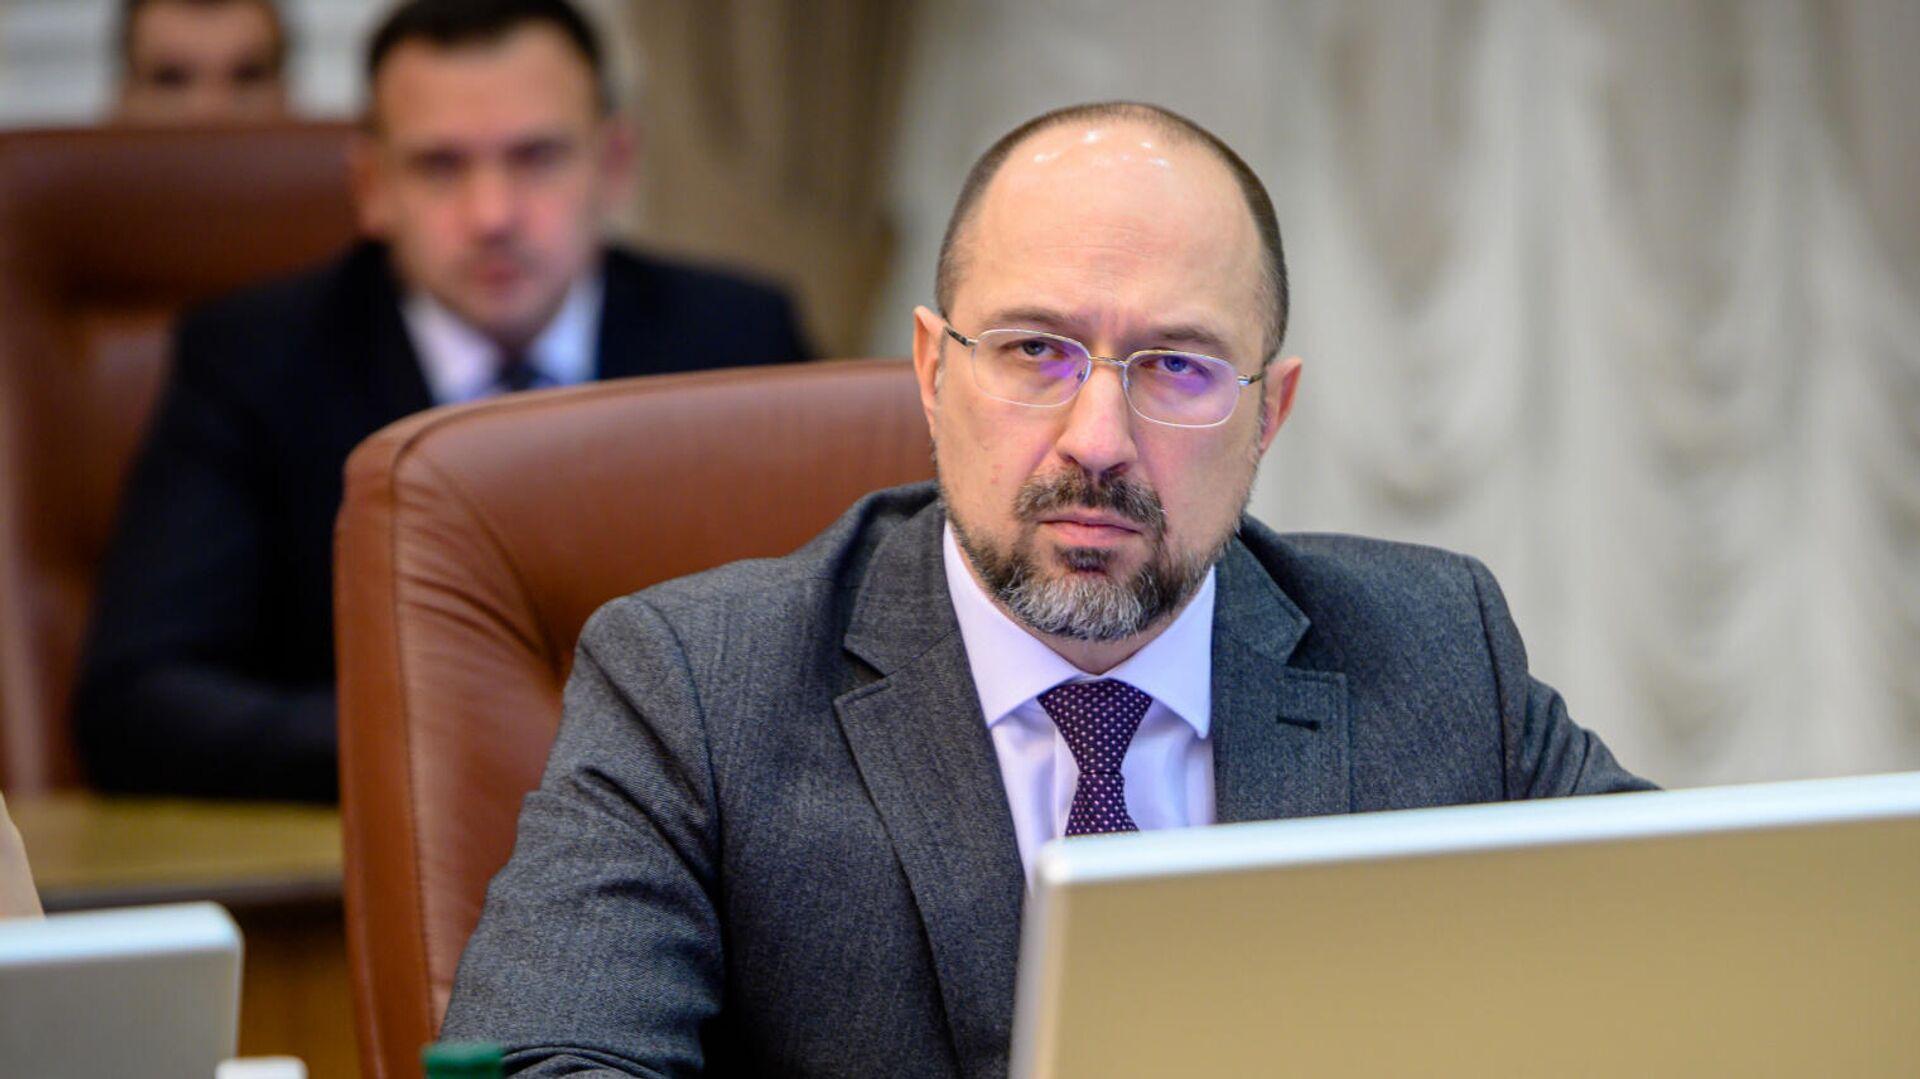 Вице-премьер-министр Украины, министр развития общин и территорий Денис Шмыгаль - РИА Новости, 1920, 22.02.2021